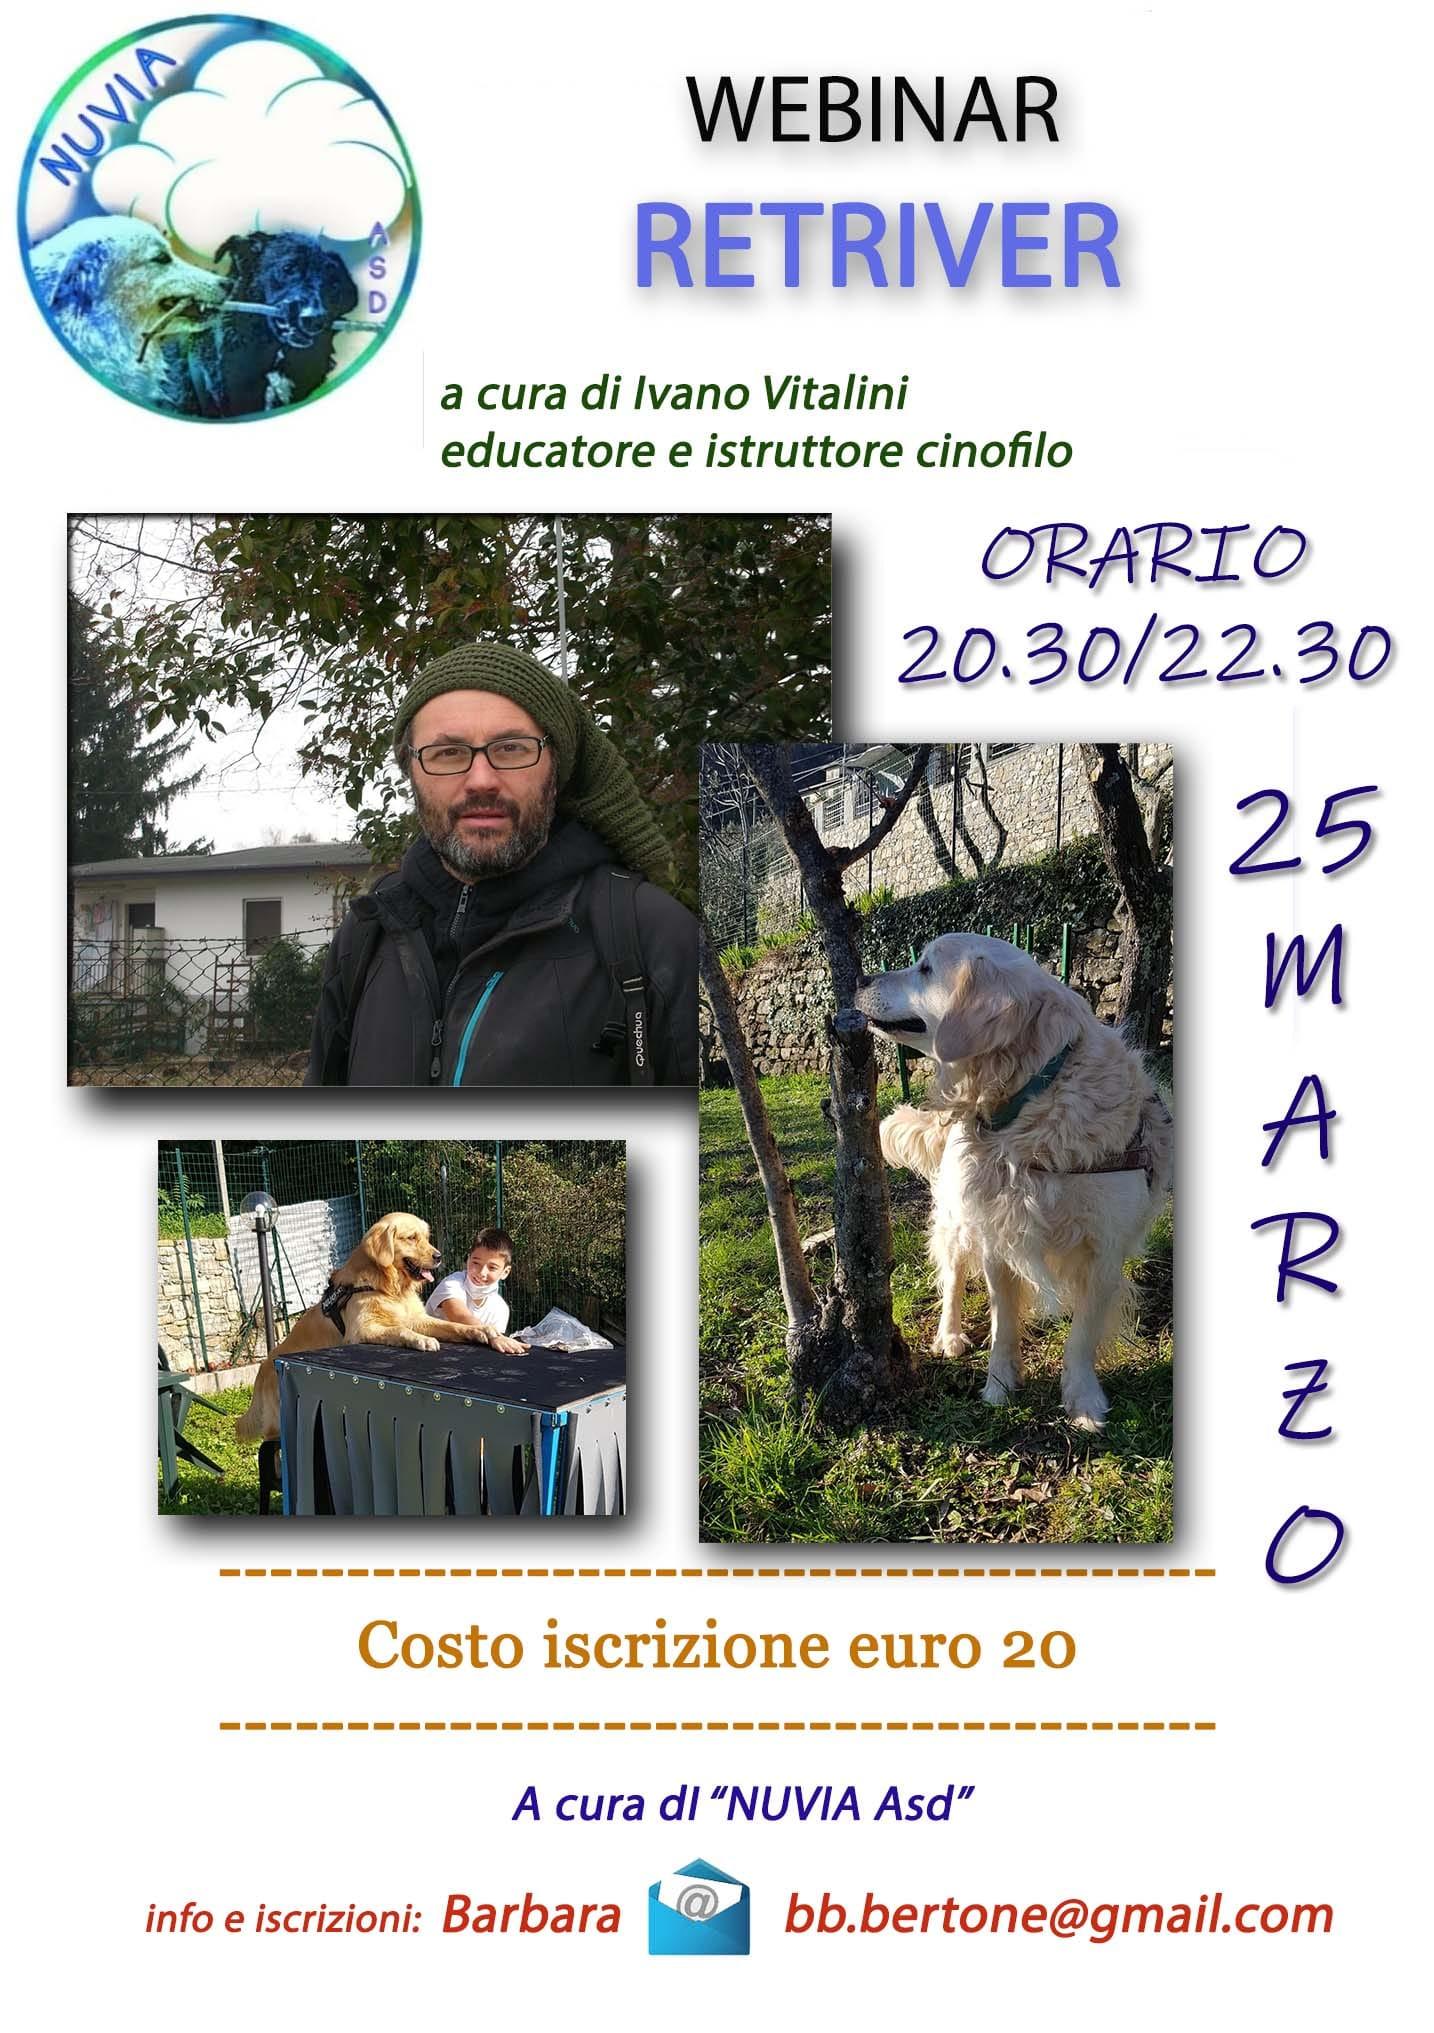 Webinar 25 Marzo 2021 - Retriver con Ivano Vitalini